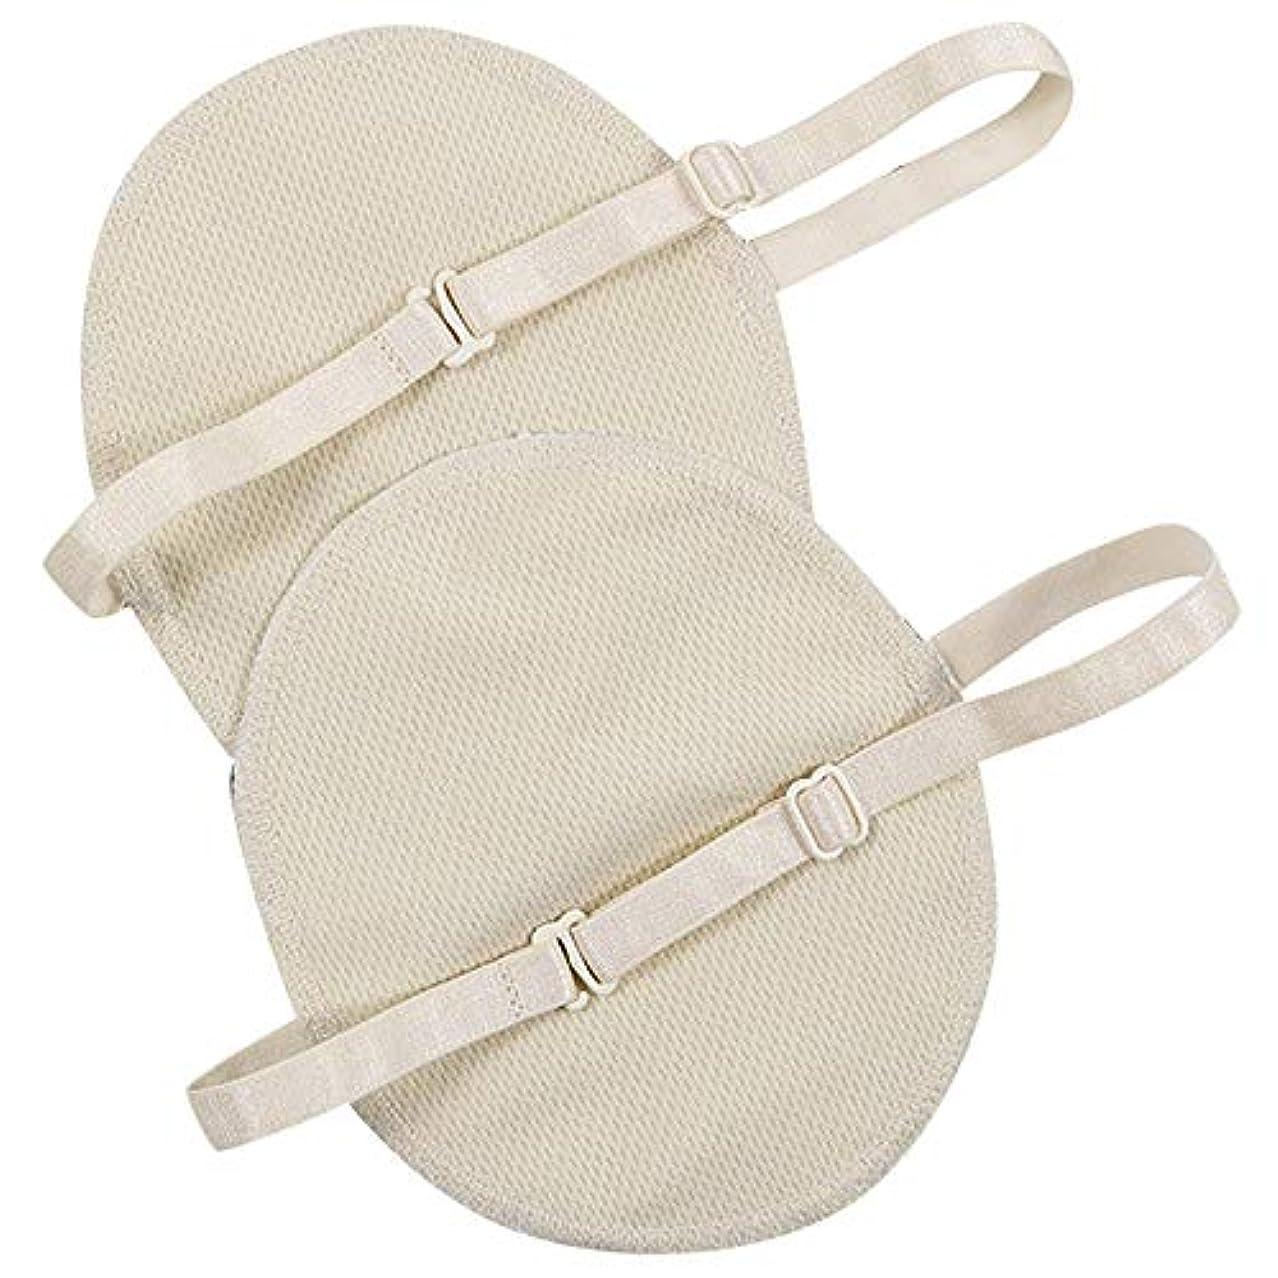 次マリン習慣1ペア脇の下汗シールドパッド洗える脇の下汗吸収ガードショルダーストラップ再利用可能な脇の下汗パッド夏